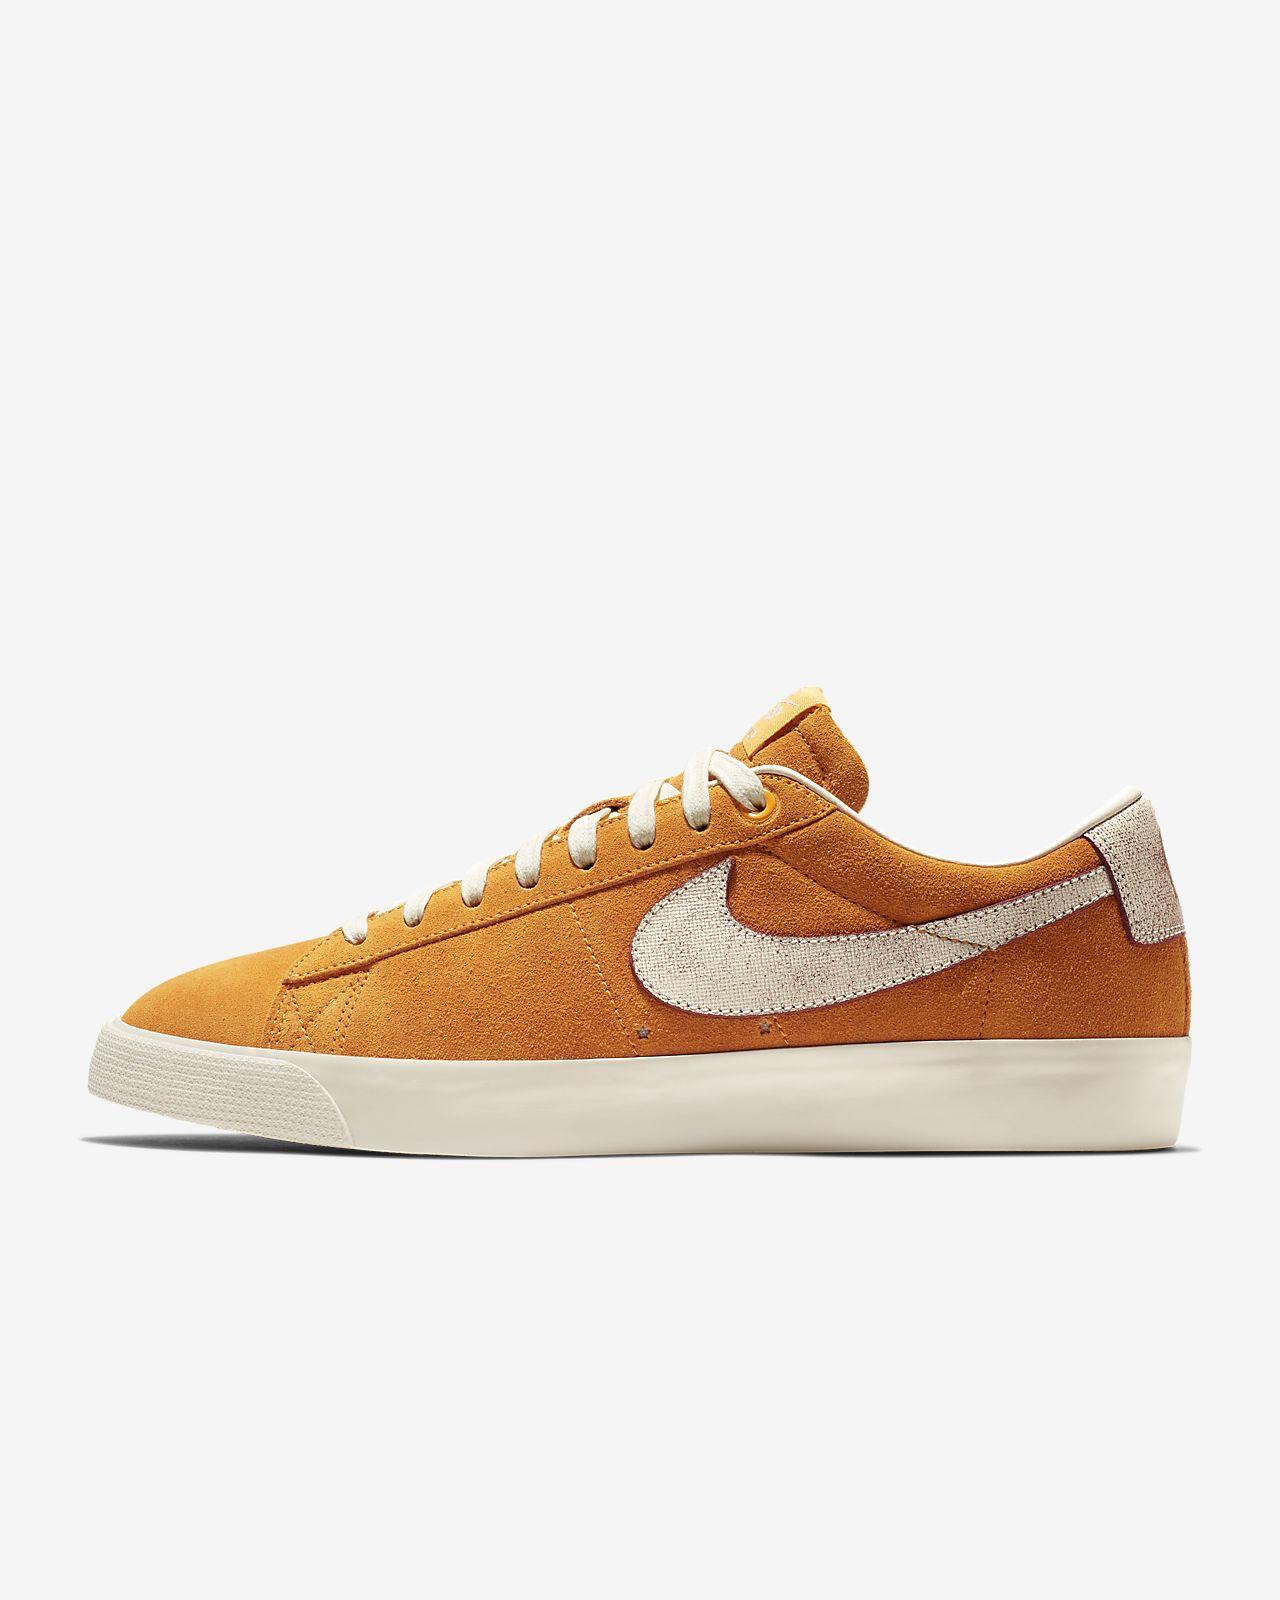 Blazer Gull Nike 0f64f 9d952 Ebay Sb Menns tQxshrCdBo